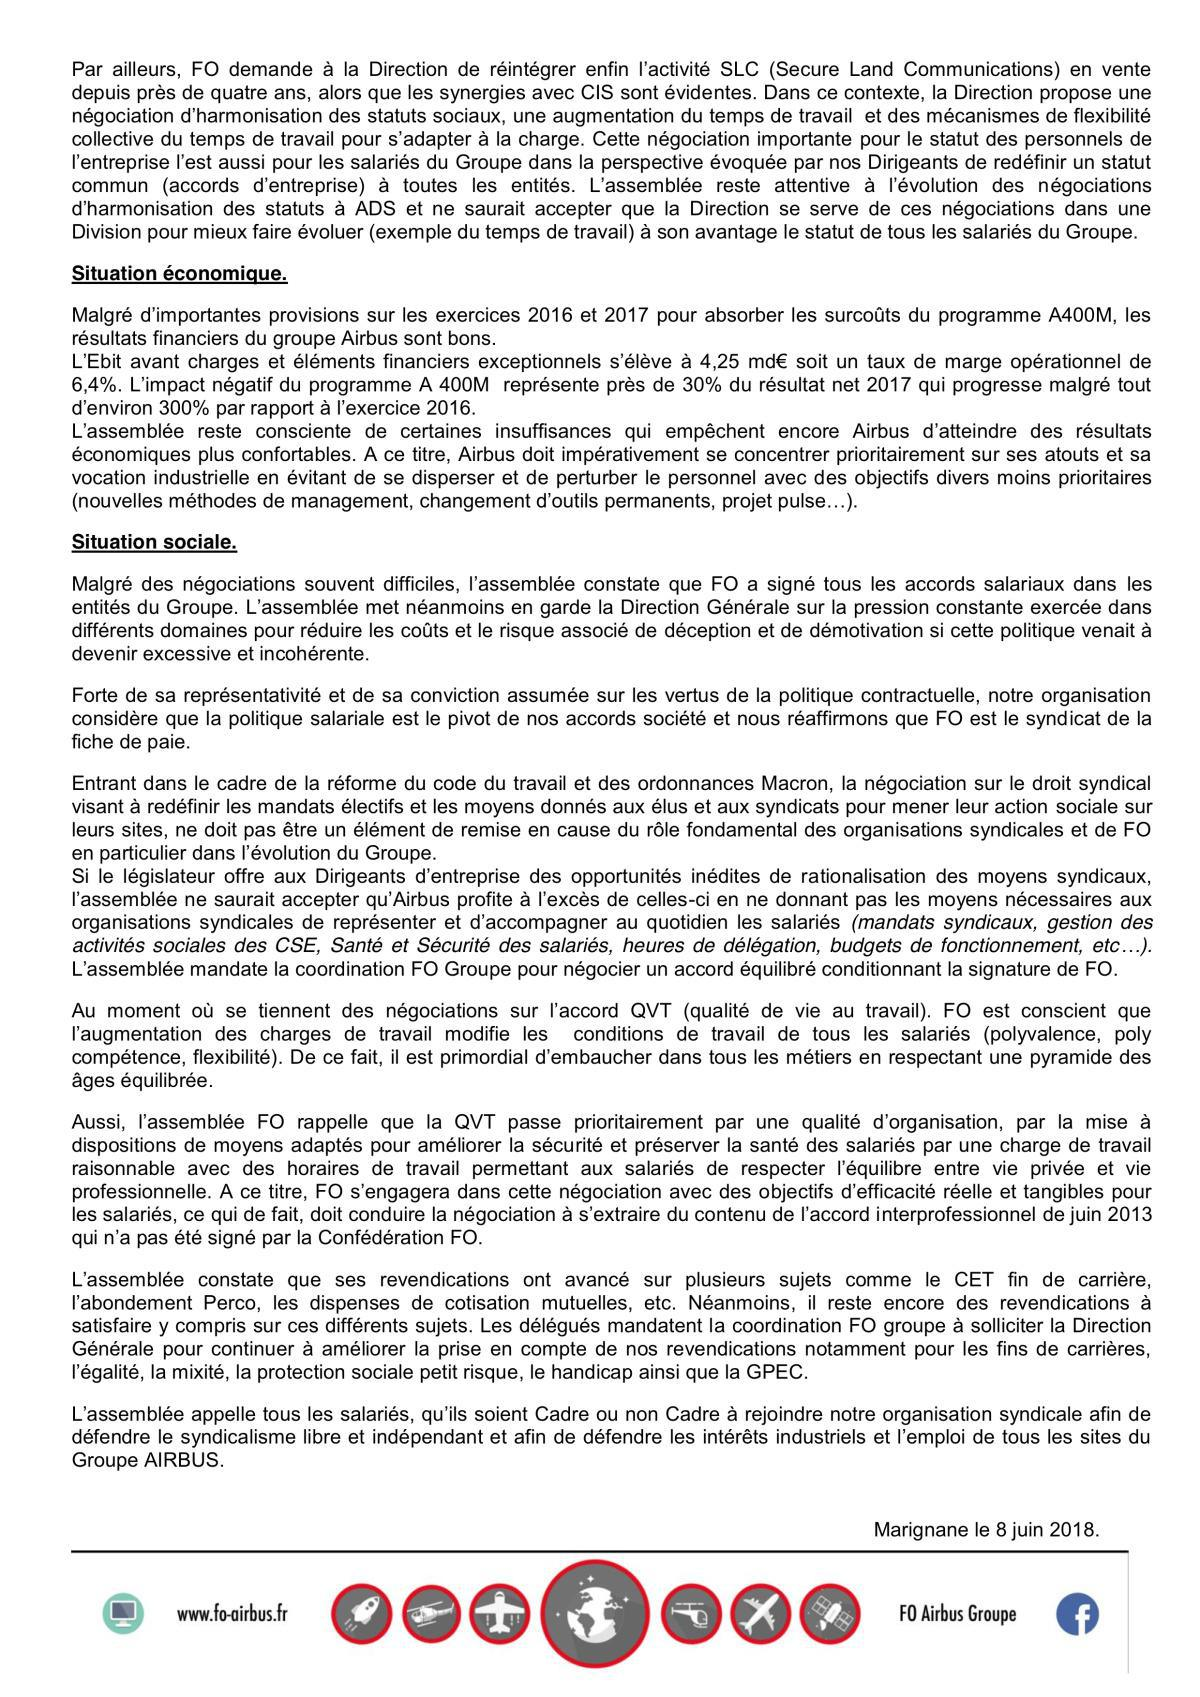 FO Airbus - Motion de l'AG 2018